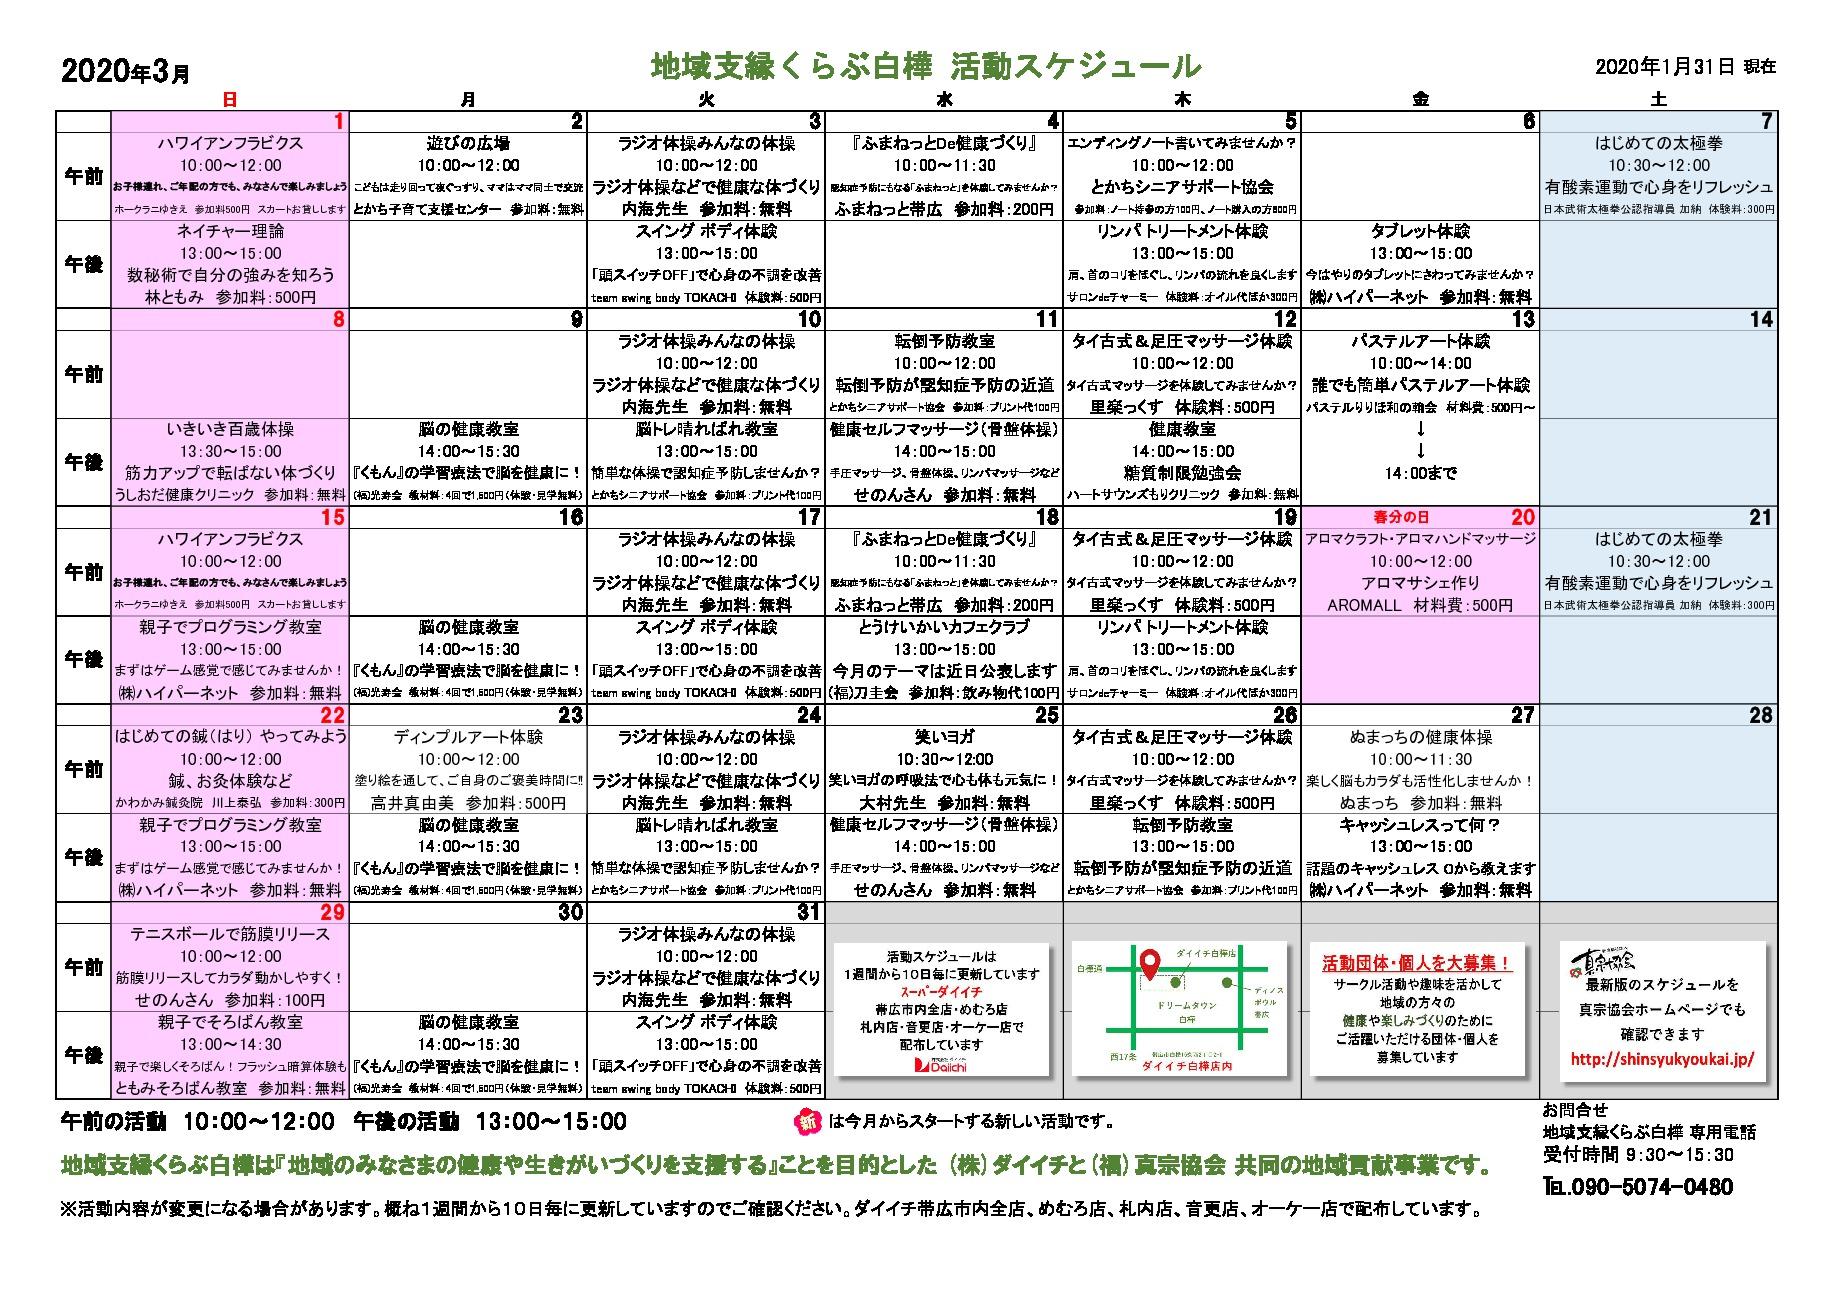 2019活動スケジュール3(2020.1.31付)のサムネイル